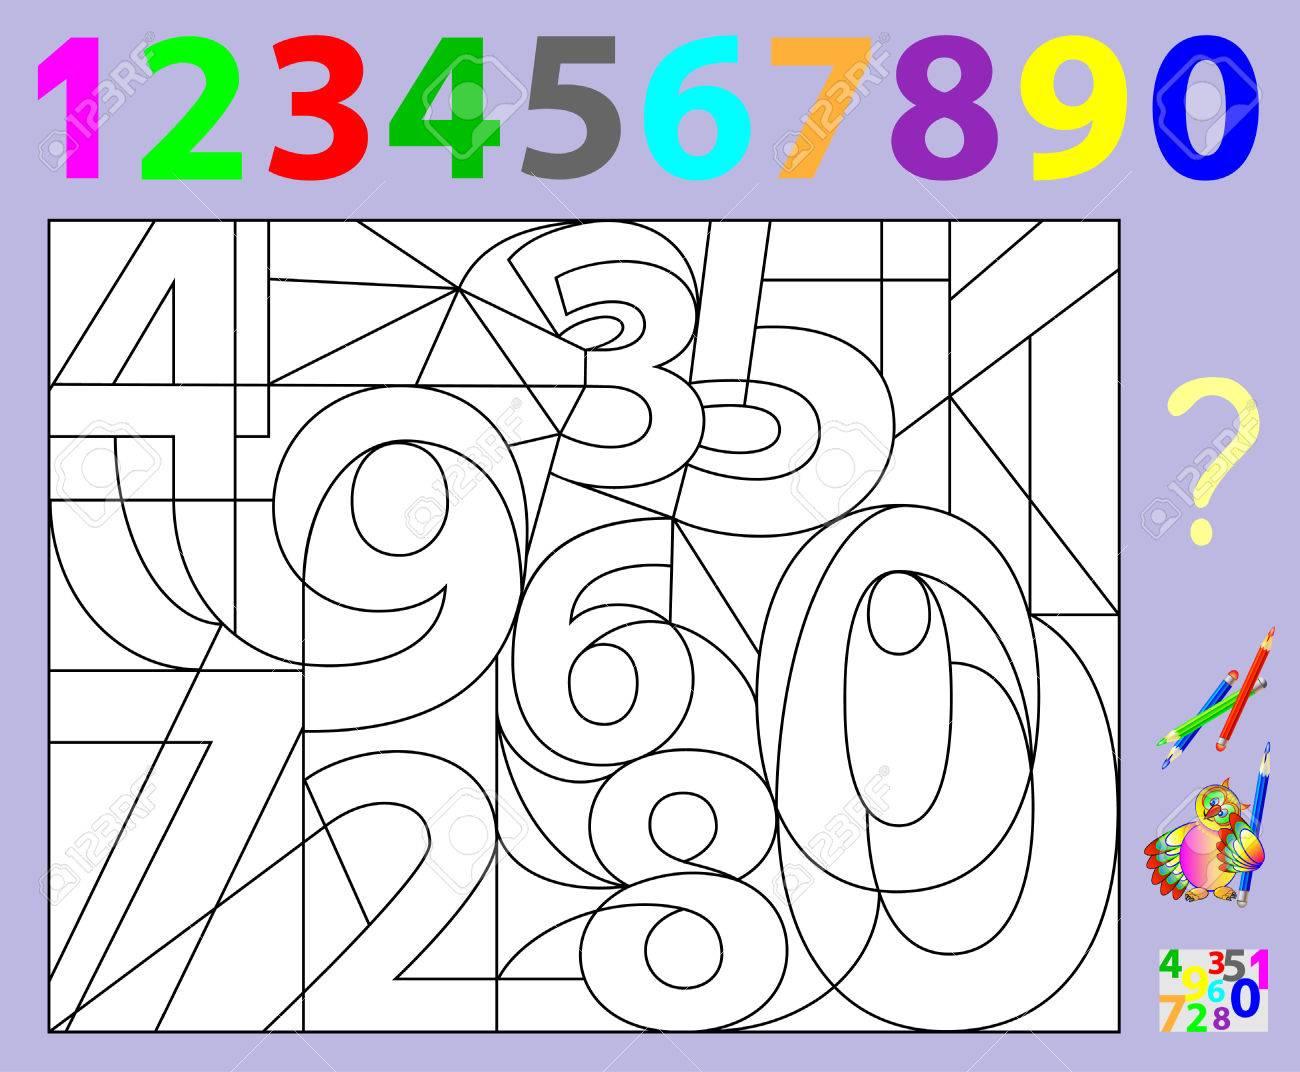 Lernseite Für Kleine Kinder. Müssen Die Versteckten Zahlen Finden ...